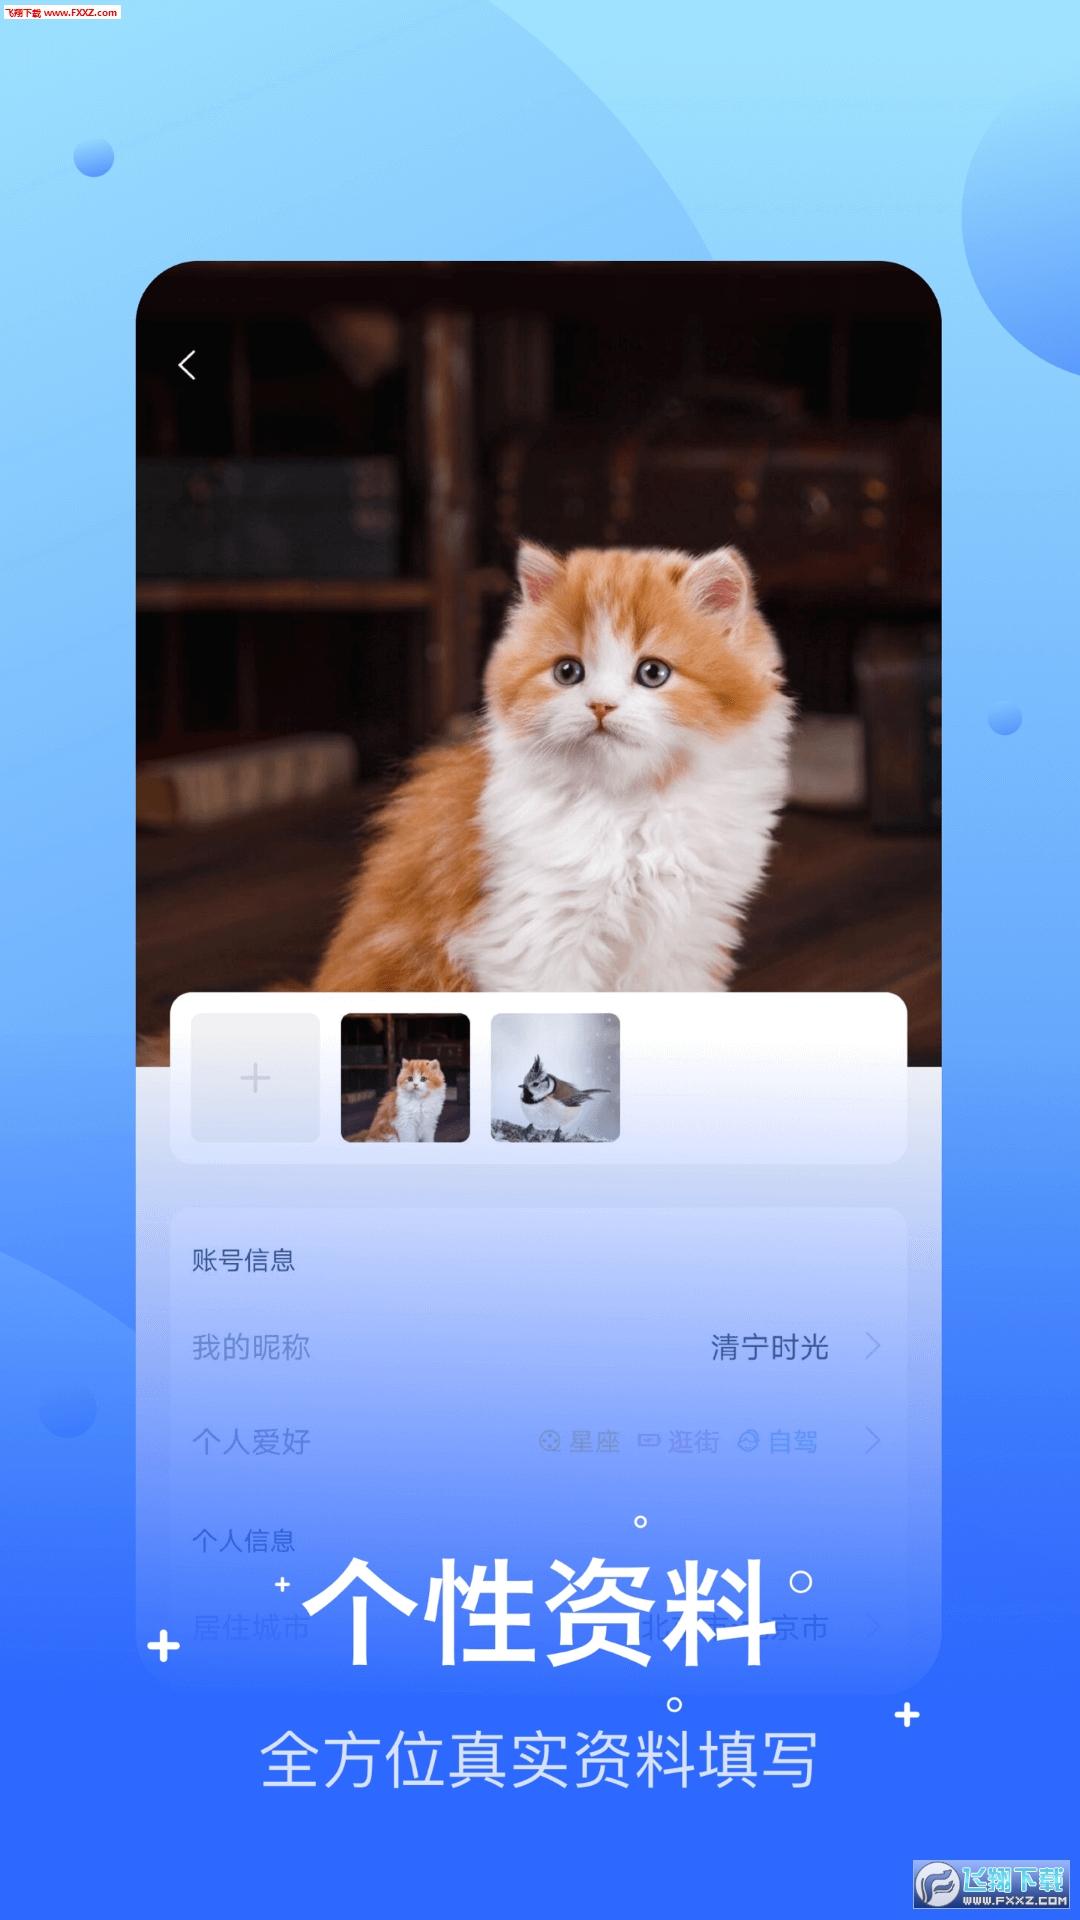 兔呼交友app安卓版3.0.5截图0